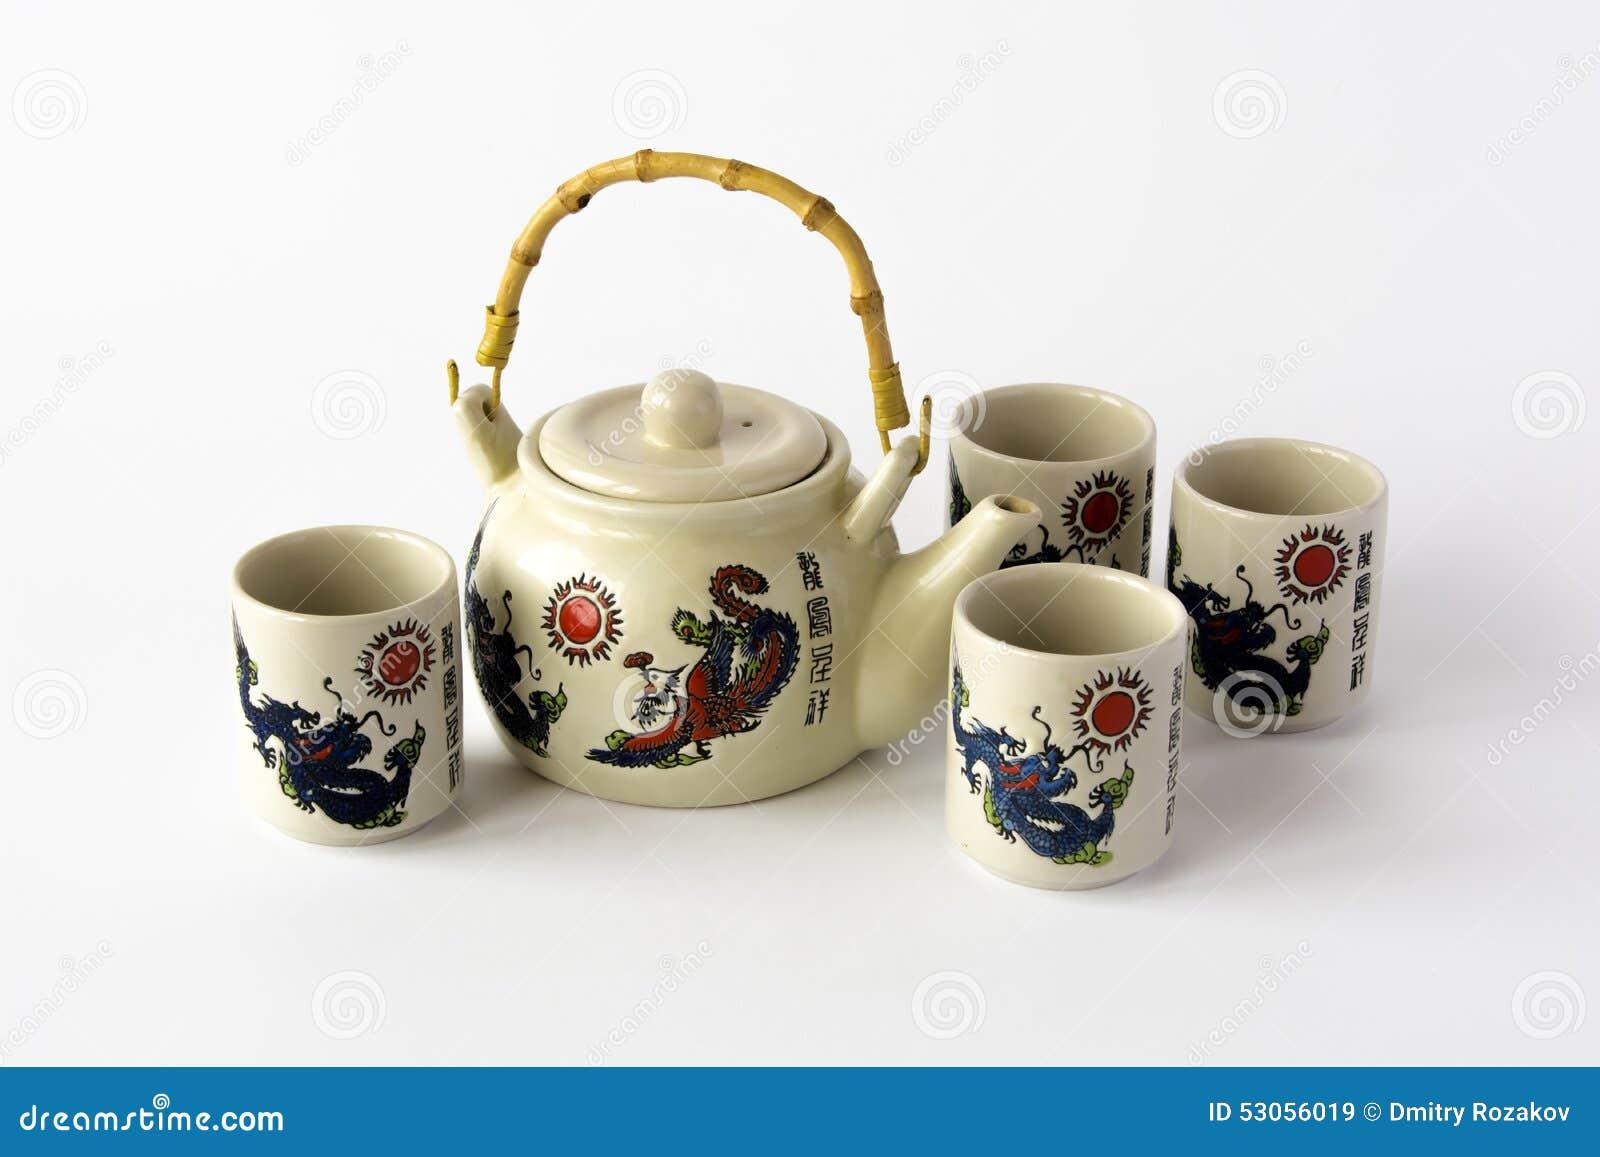 Juego de t chino de cer mica foto de archivo imagen - Juego para hacer ceramica ...